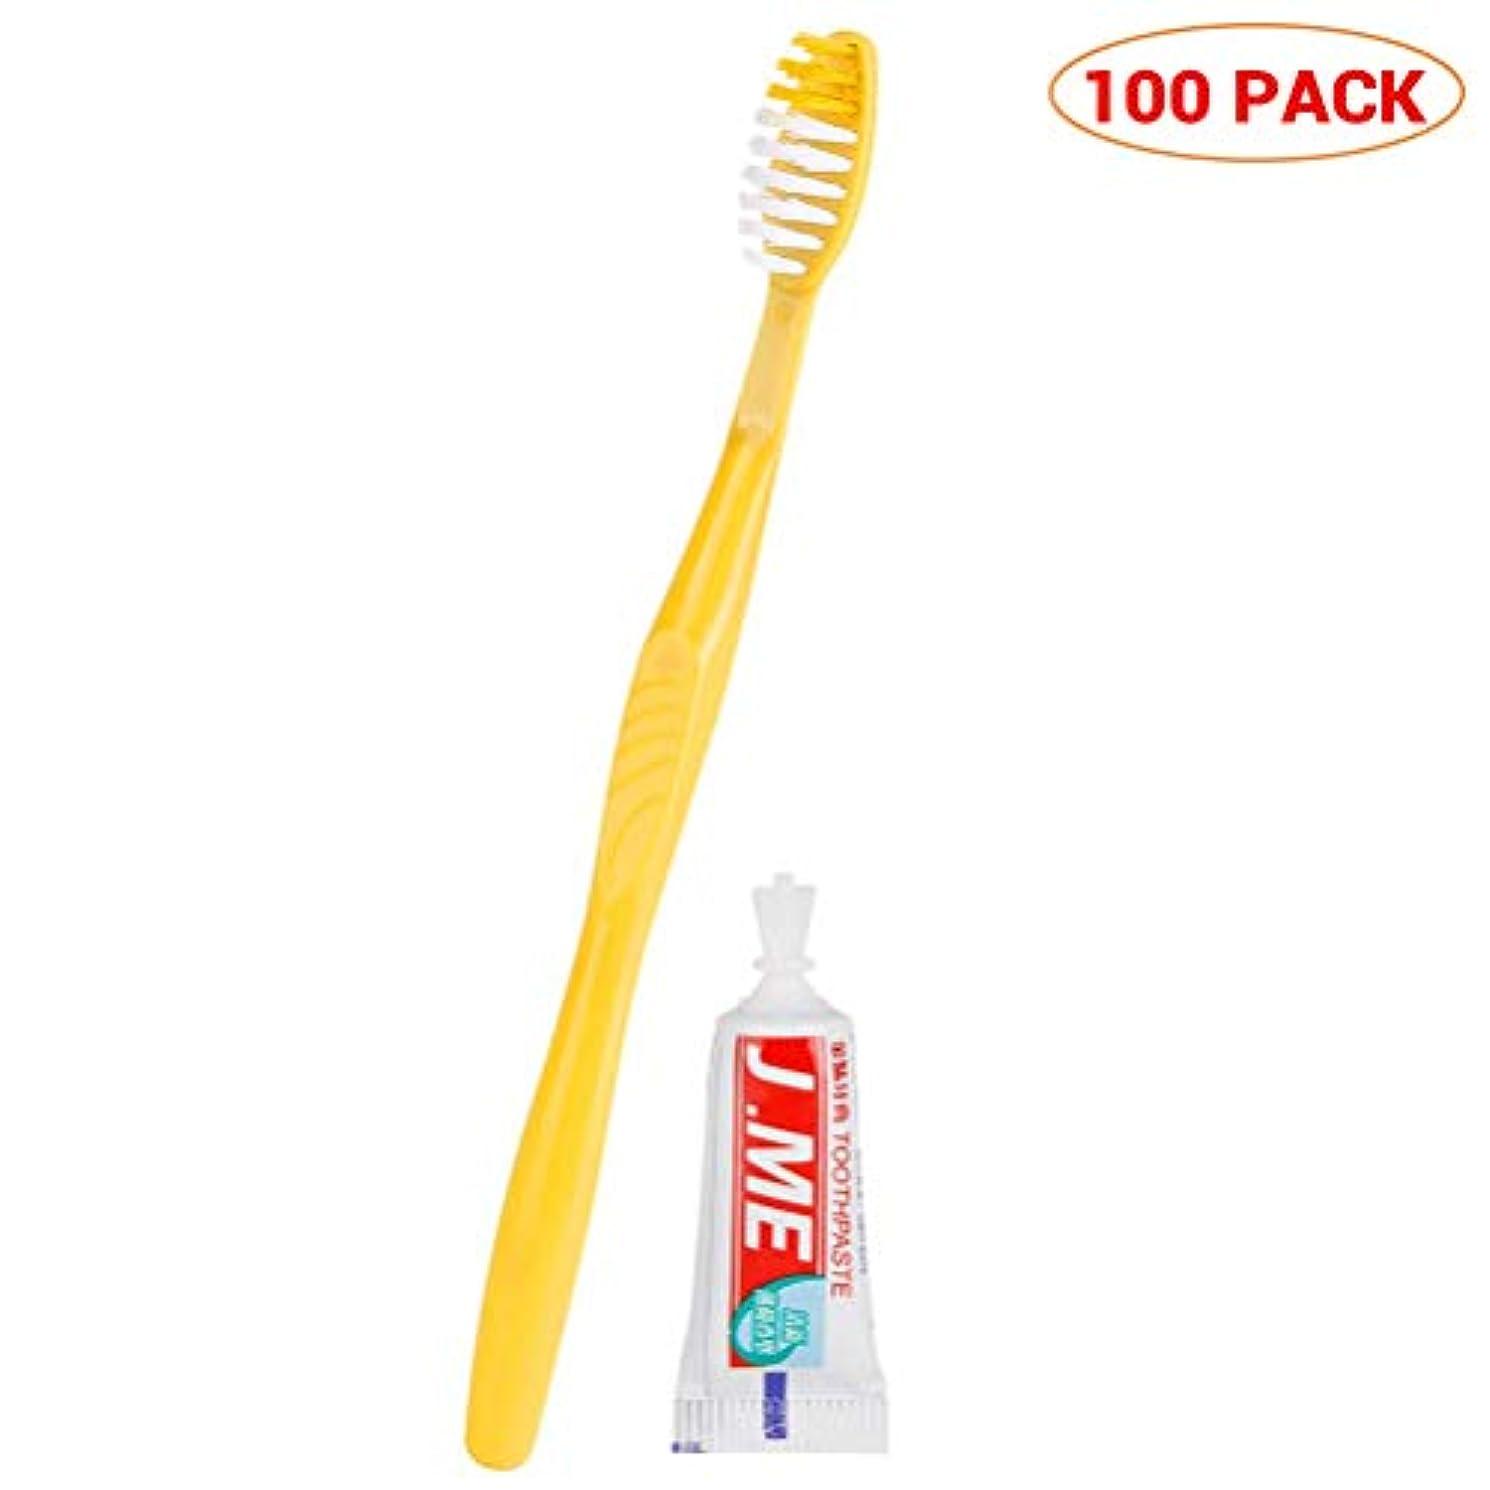 にはまって政治的み歯磨き粉付き使い捨て歯ブラシ、100パック